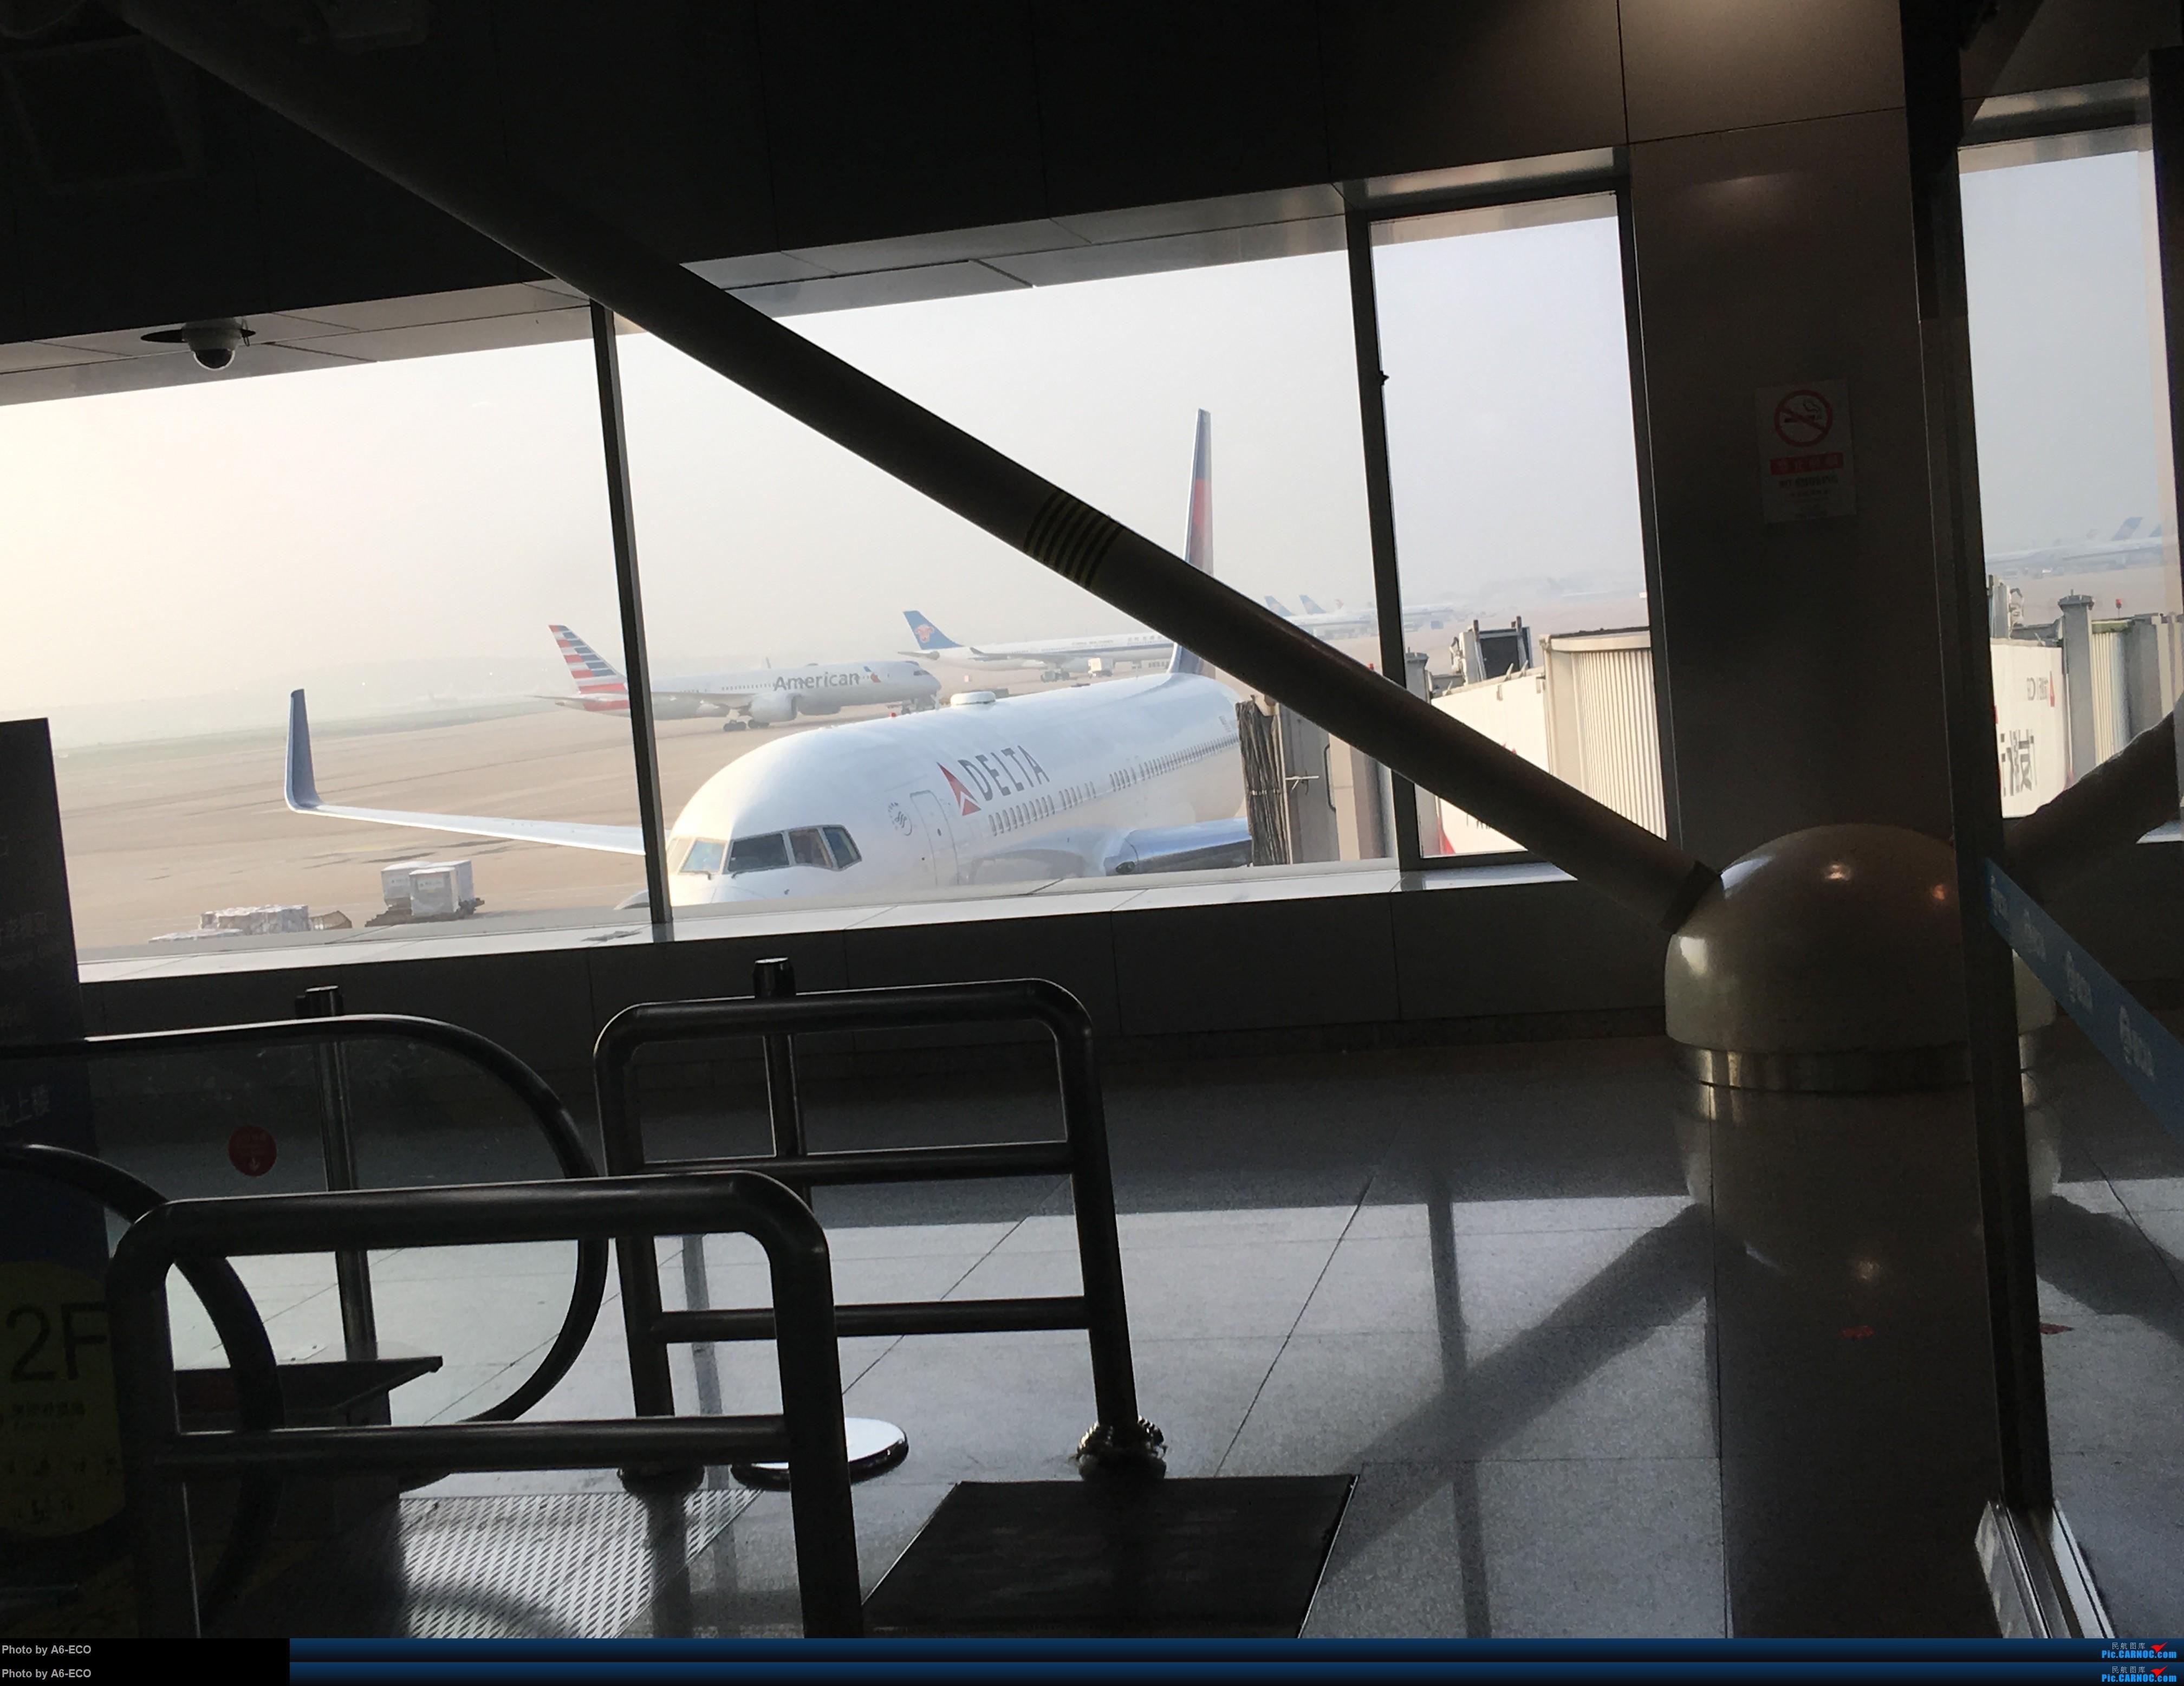 Re:[原创]一张图:首都机场又多了一家外航:法国蓝鹰航空 767 忘了 中国北京首都国际机场